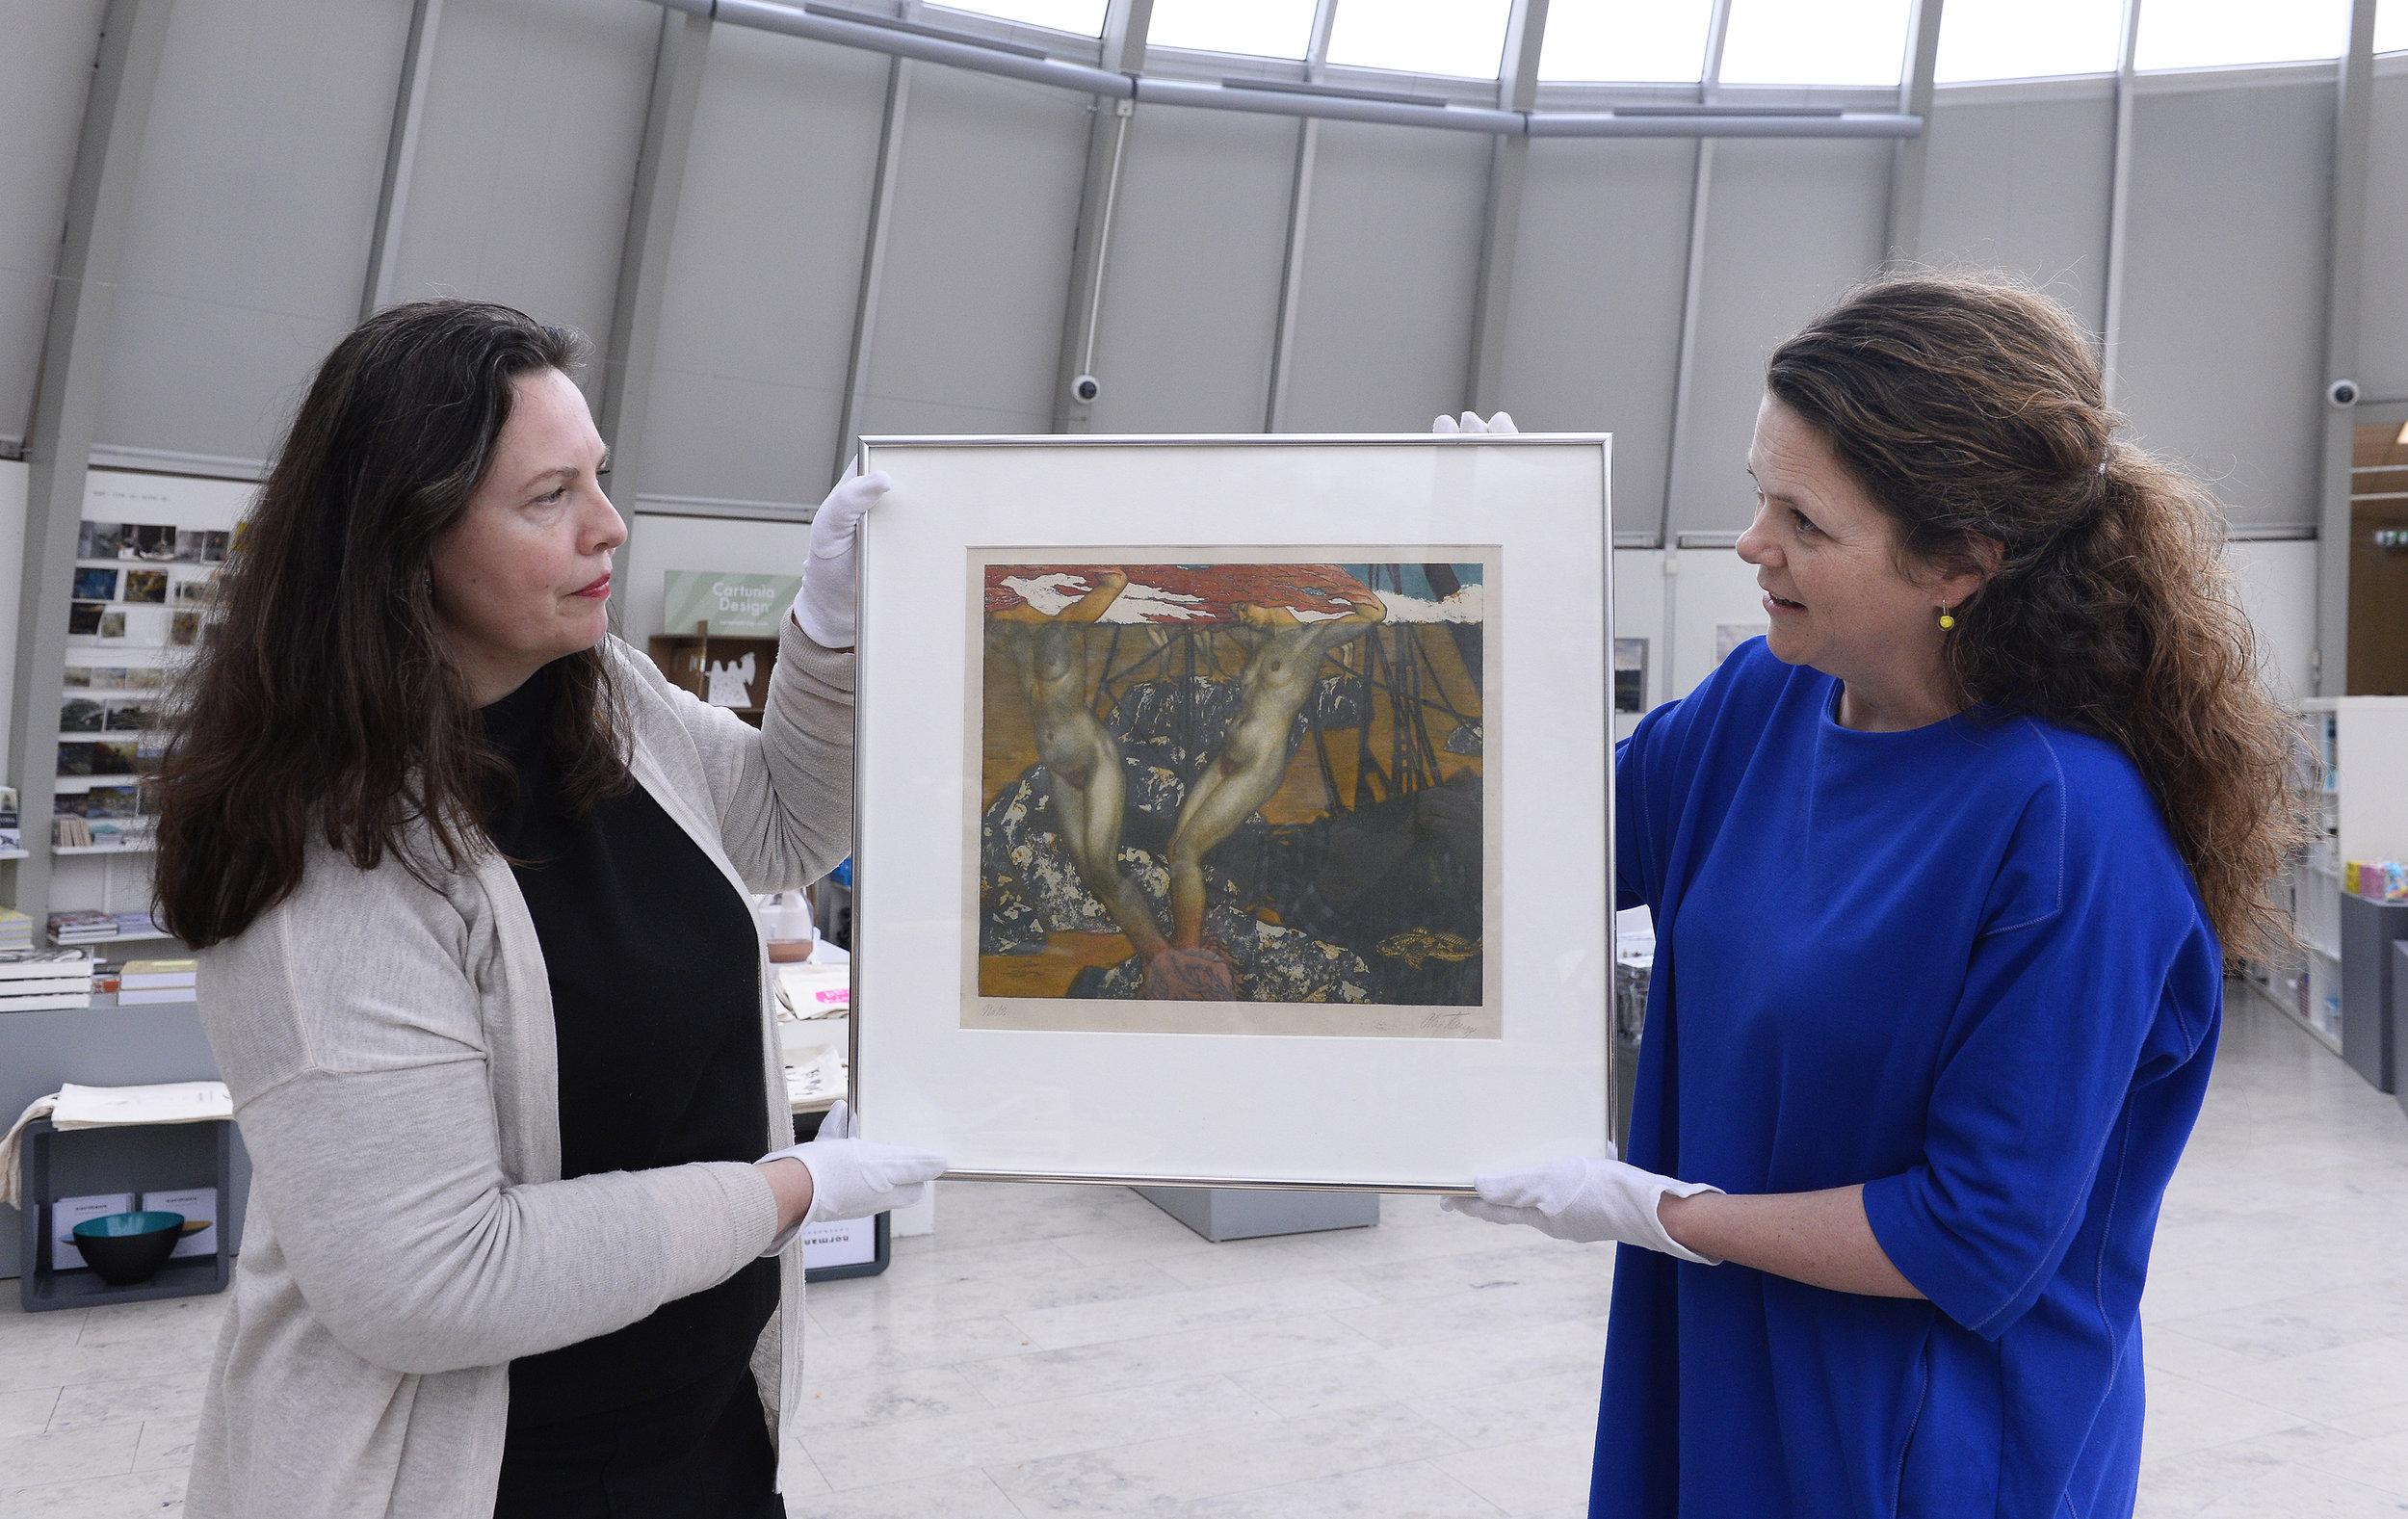 """- Fargeraderingen """"Tang"""" fra 1912 er et av Olaf H. Langes hovedverk. Nylig fant jeg et maleri i storformat av samme motiv i privat eie, sier kunsthistoriker Arnhild Sunnanå, til venstre. - Nå må publikum hjelpe oss å finne flere Lange-malerier, sier Hanne Beate Ueland, avdelingsdirektør ved Stavanger kunstmuseum."""